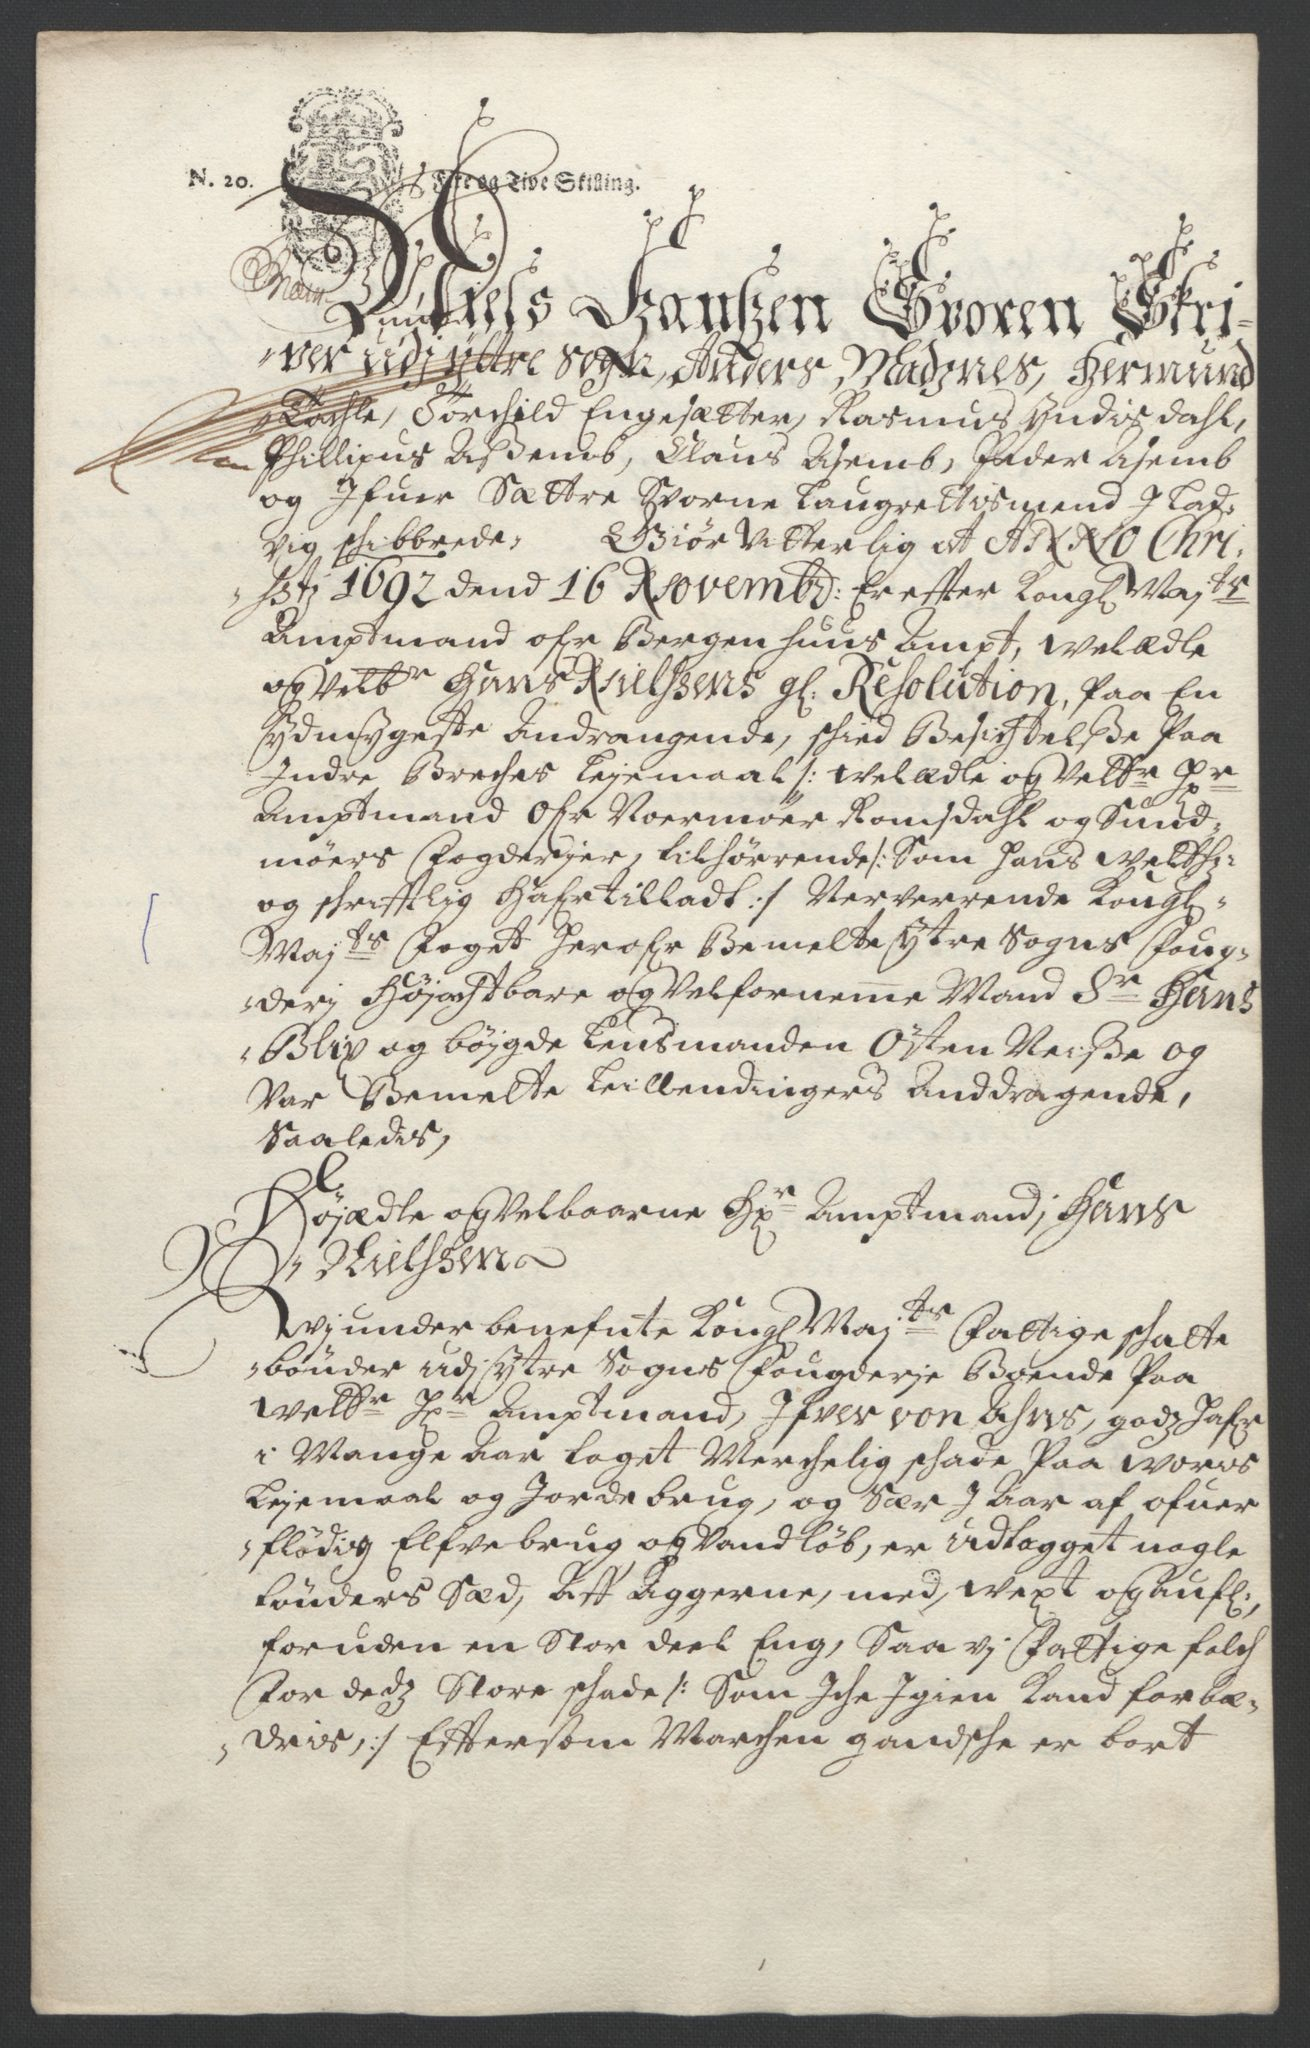 RA, Rentekammeret inntil 1814, Reviderte regnskaper, Fogderegnskap, R52/L3306: Fogderegnskap Sogn, 1691-1692, s. 377